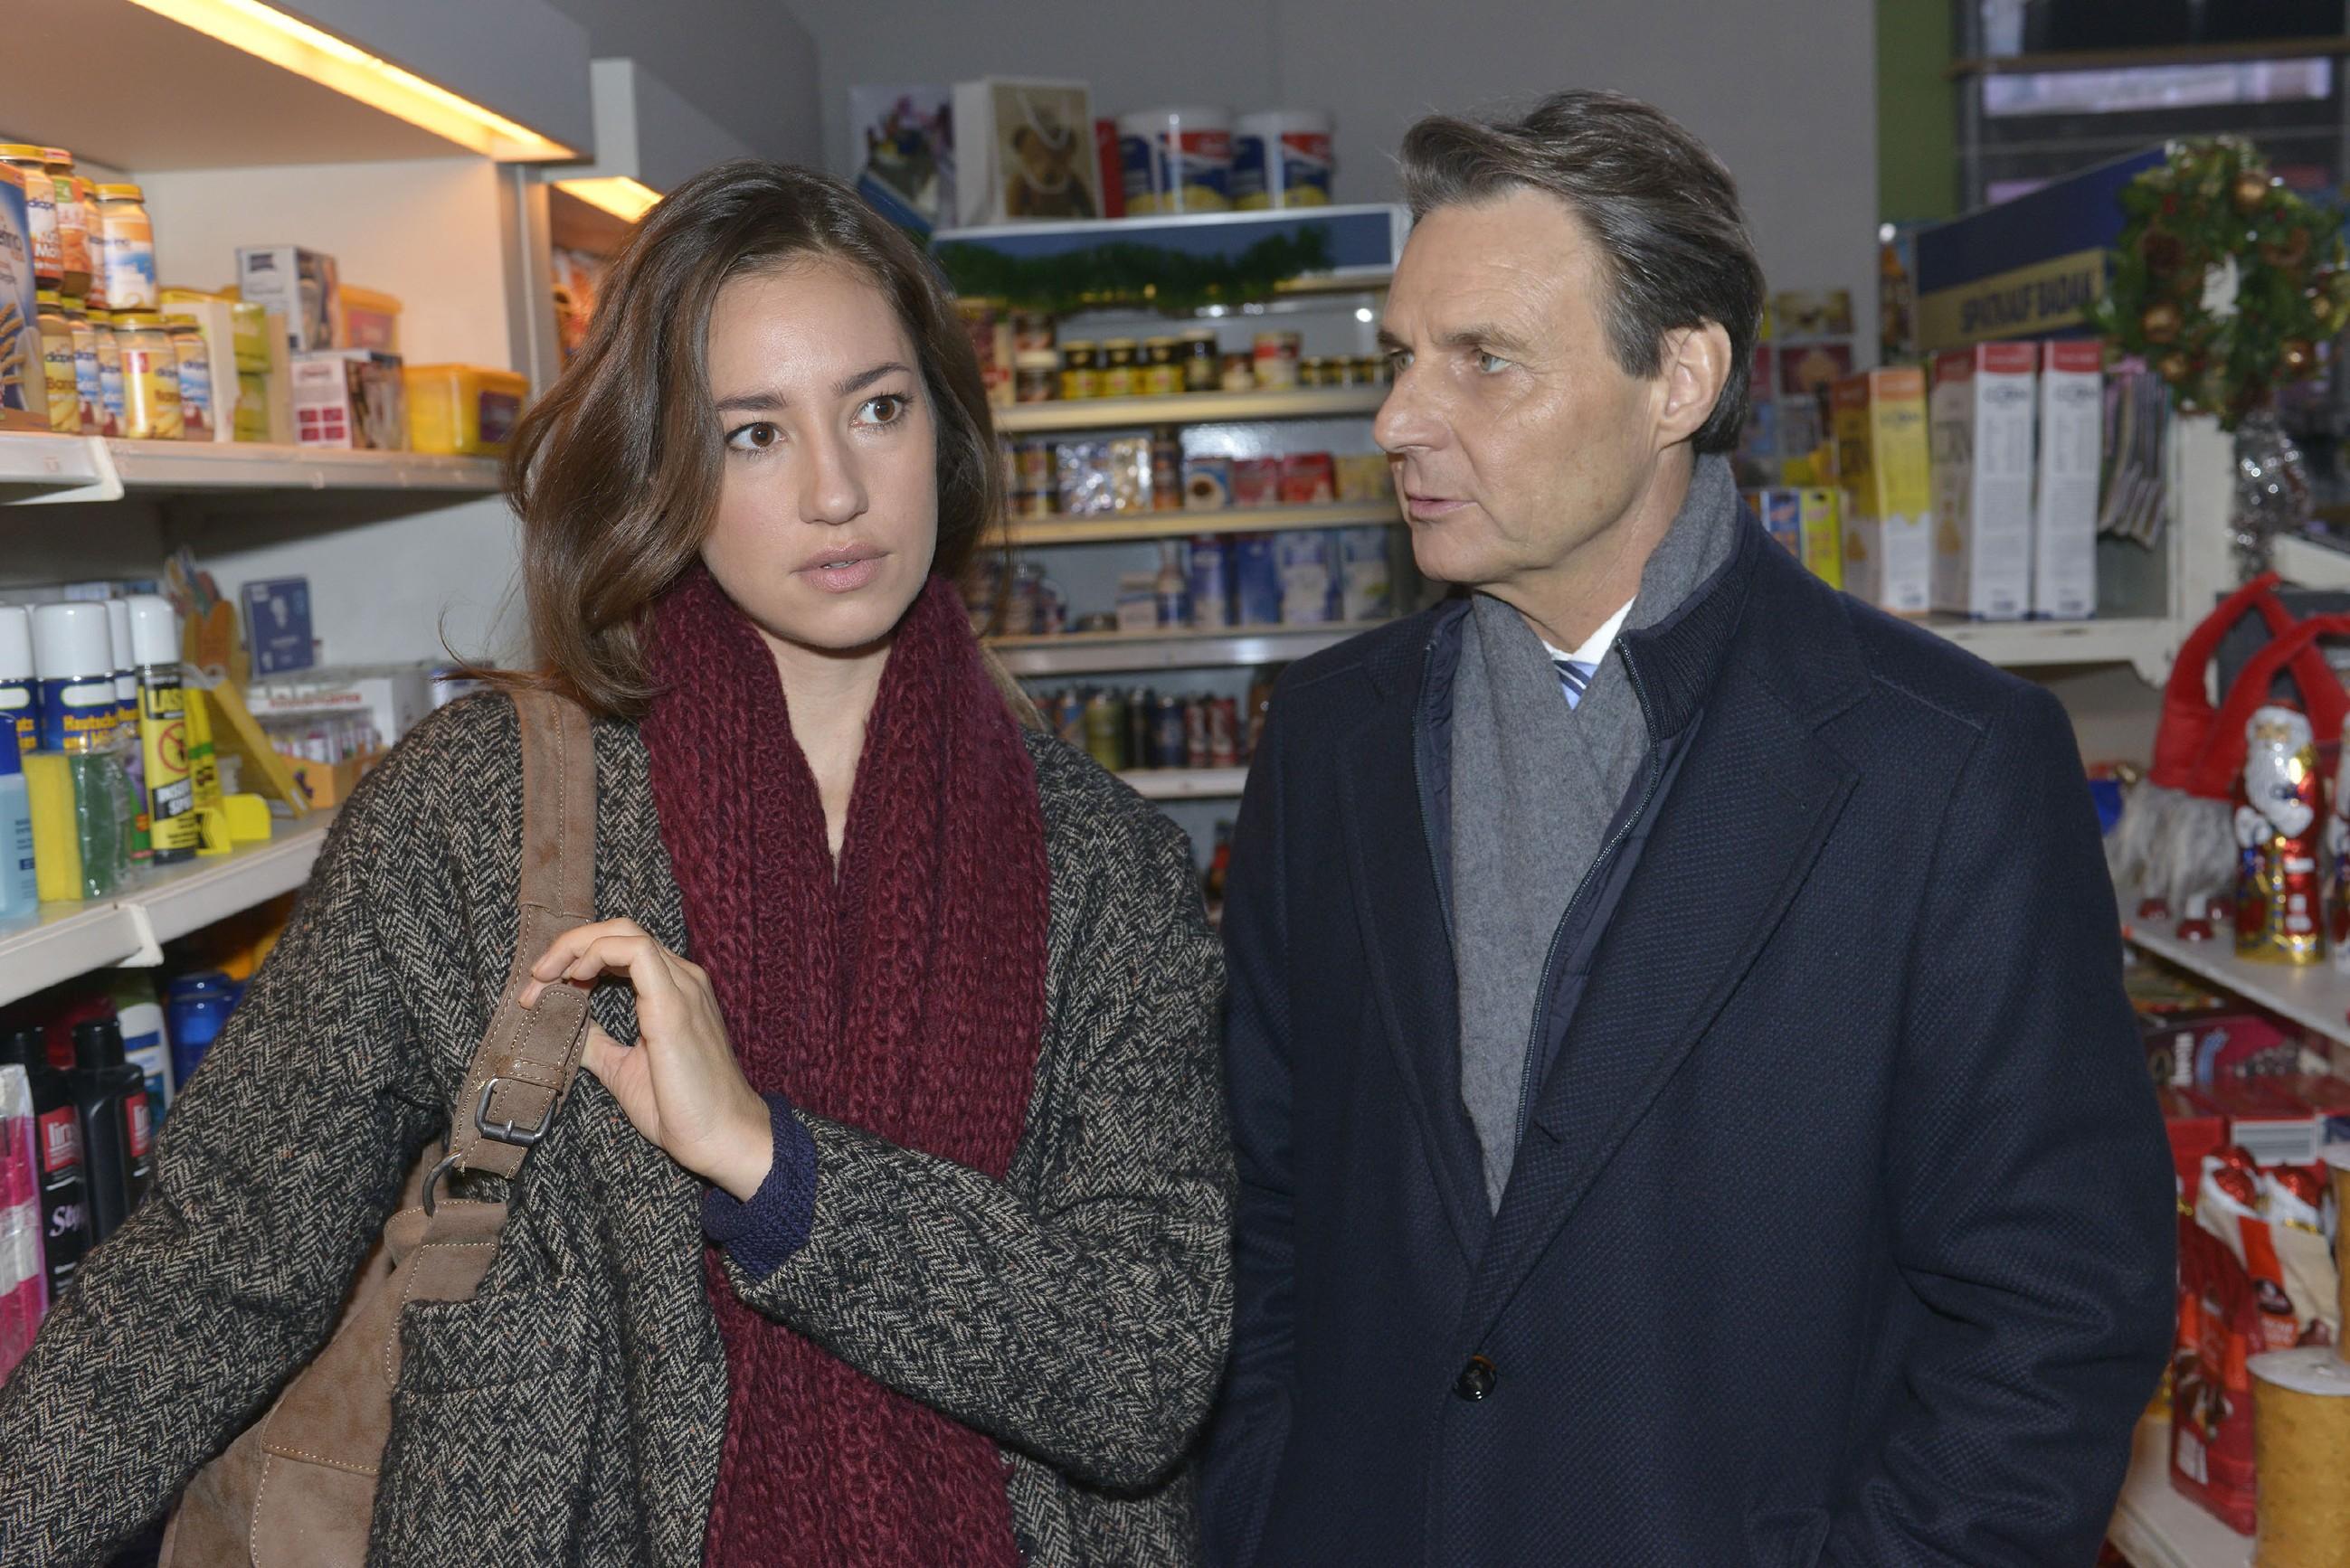 Elena (Elena Garcia Gerlach) fühlt sich einsam, denn sie versucht immer noch vergeblich, auf ihre Freunde zuzugehen. Gerners (Wolfgang Bahro) Rat, mehr Härte zu zeigen, will sie aber nicht annehmen. (Quelle: RTL / Rolf Baumgartner)